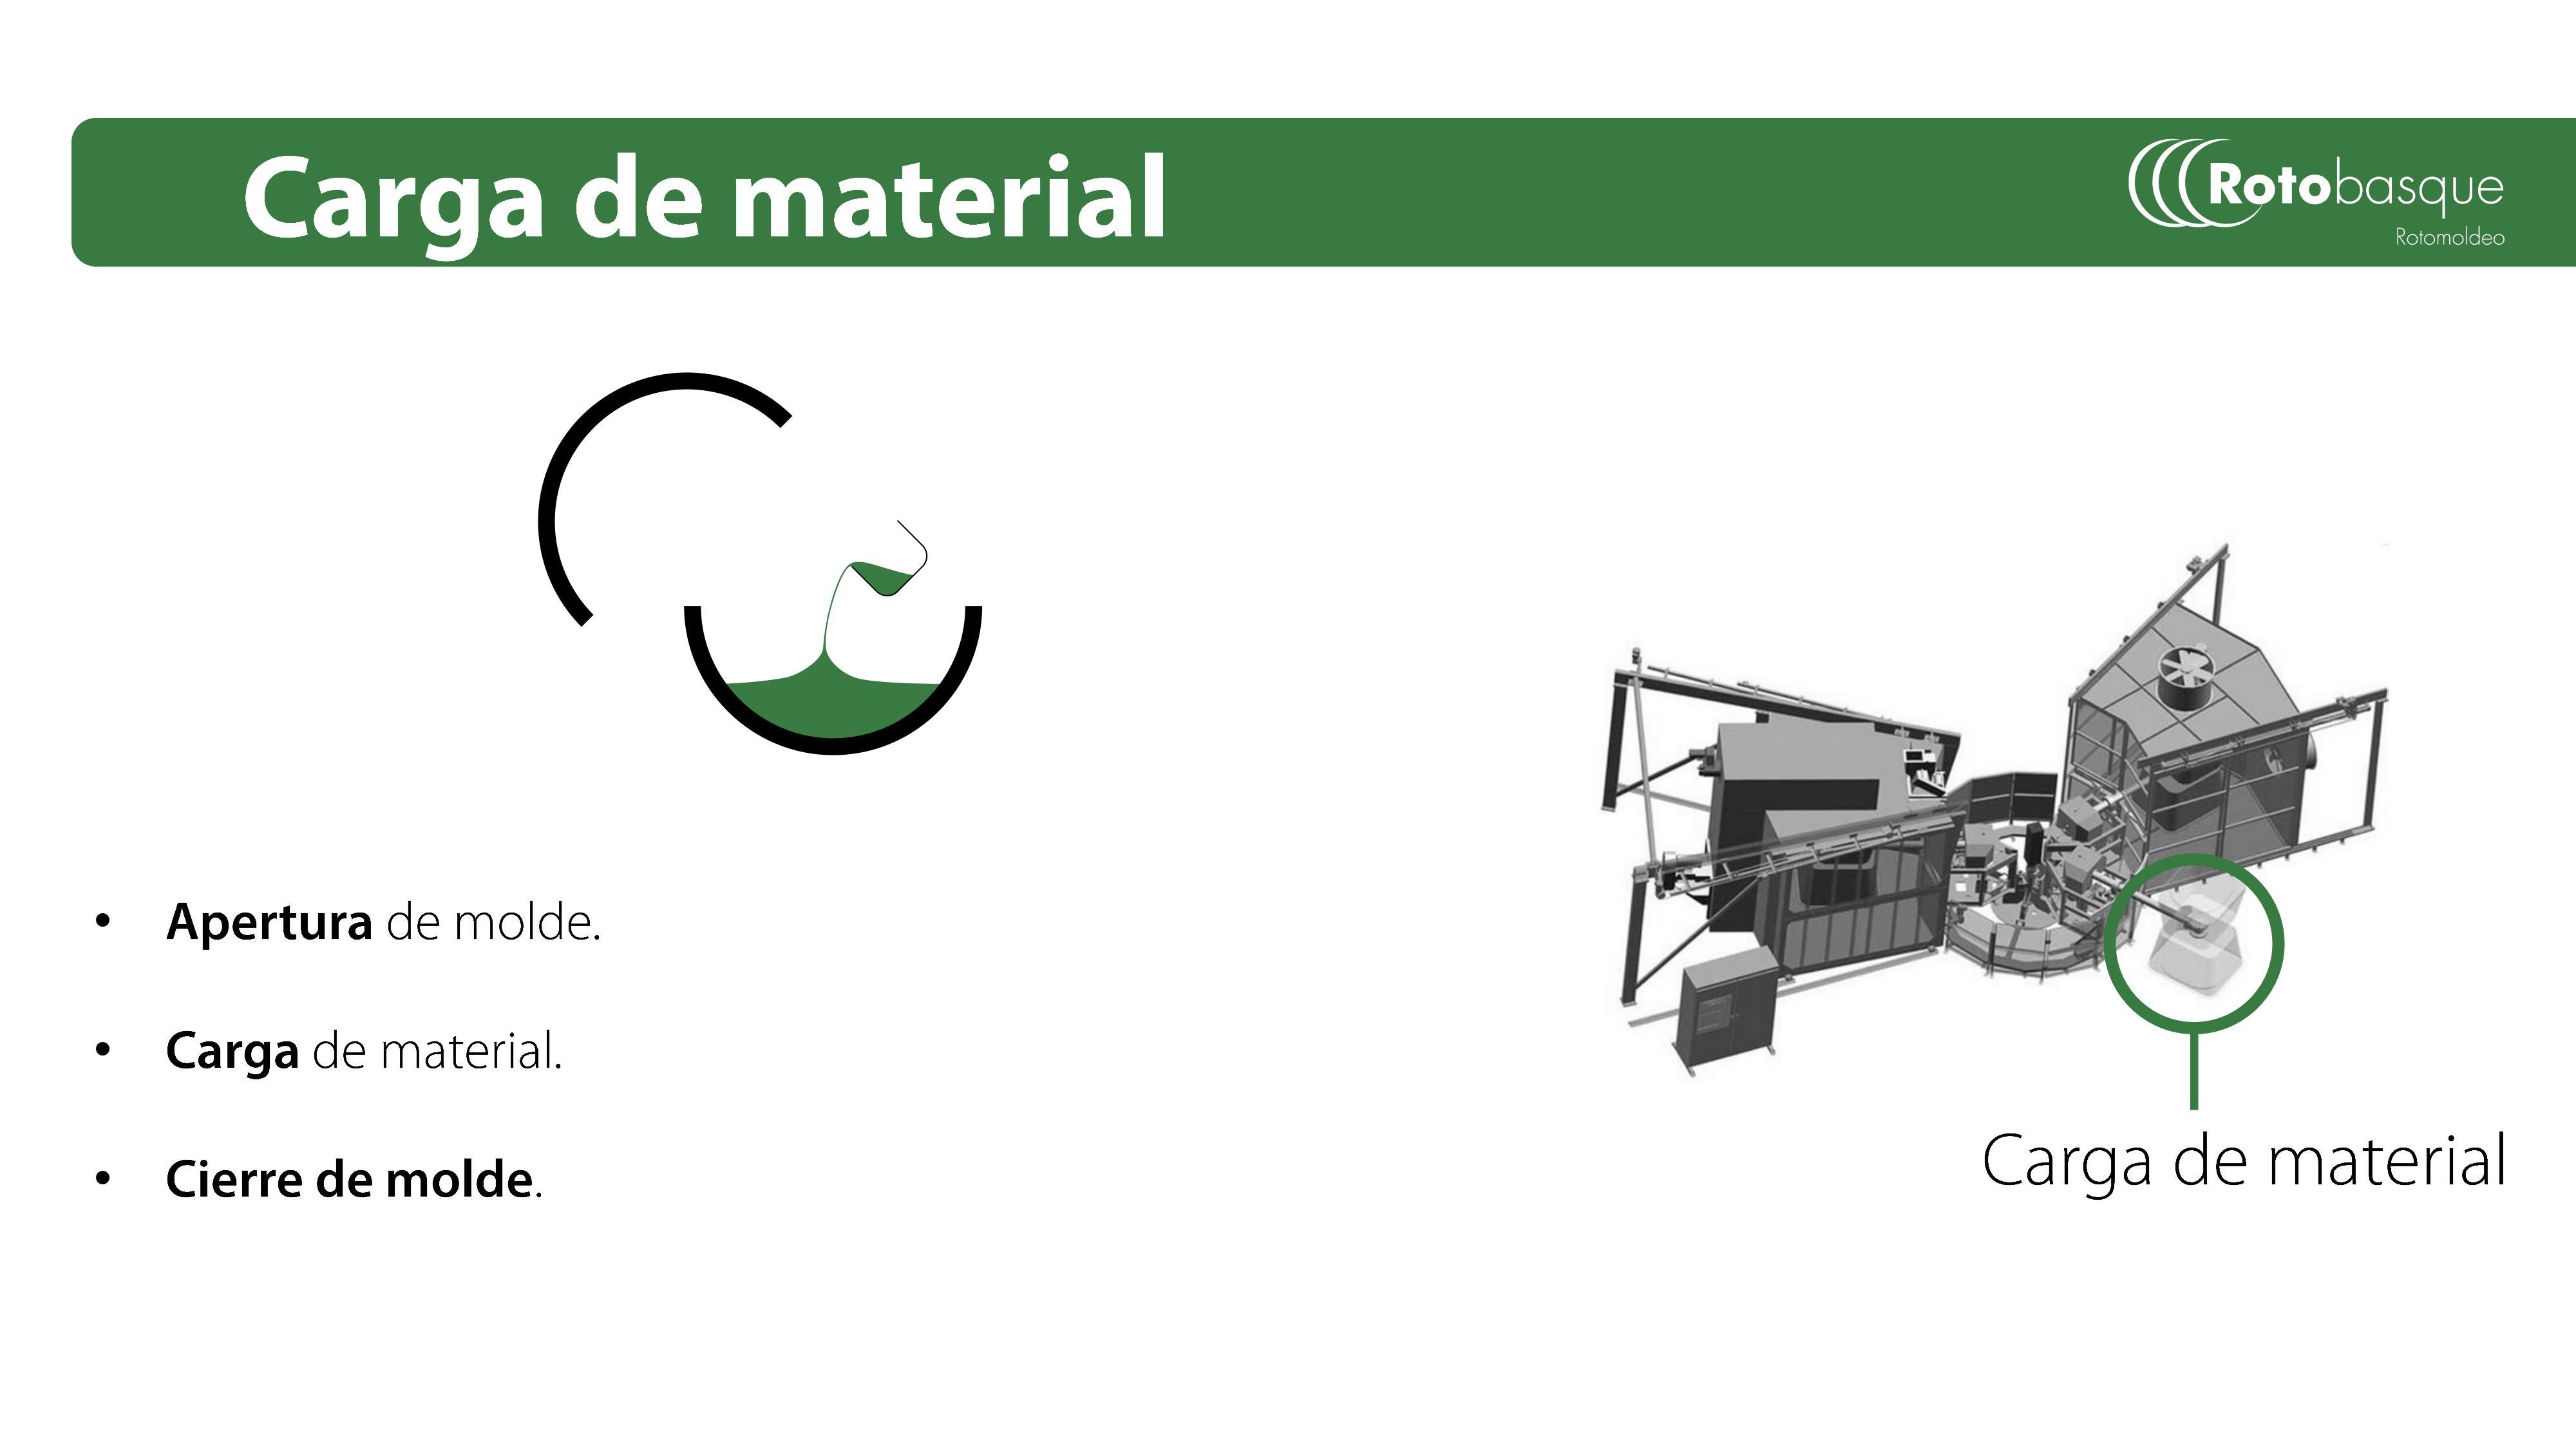 Carga de material. Explicación del proceso de rotomoldeo en Rotobasque